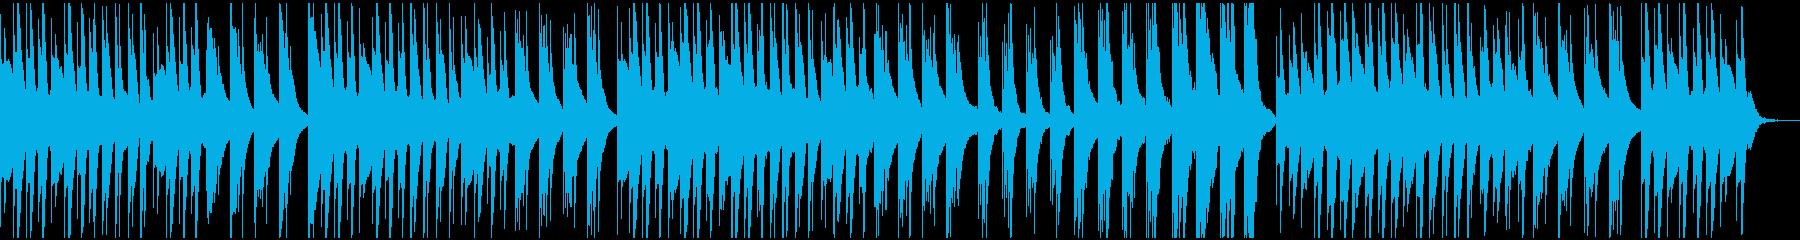 神秘のタングドラム アンビエント 瞑想の再生済みの波形